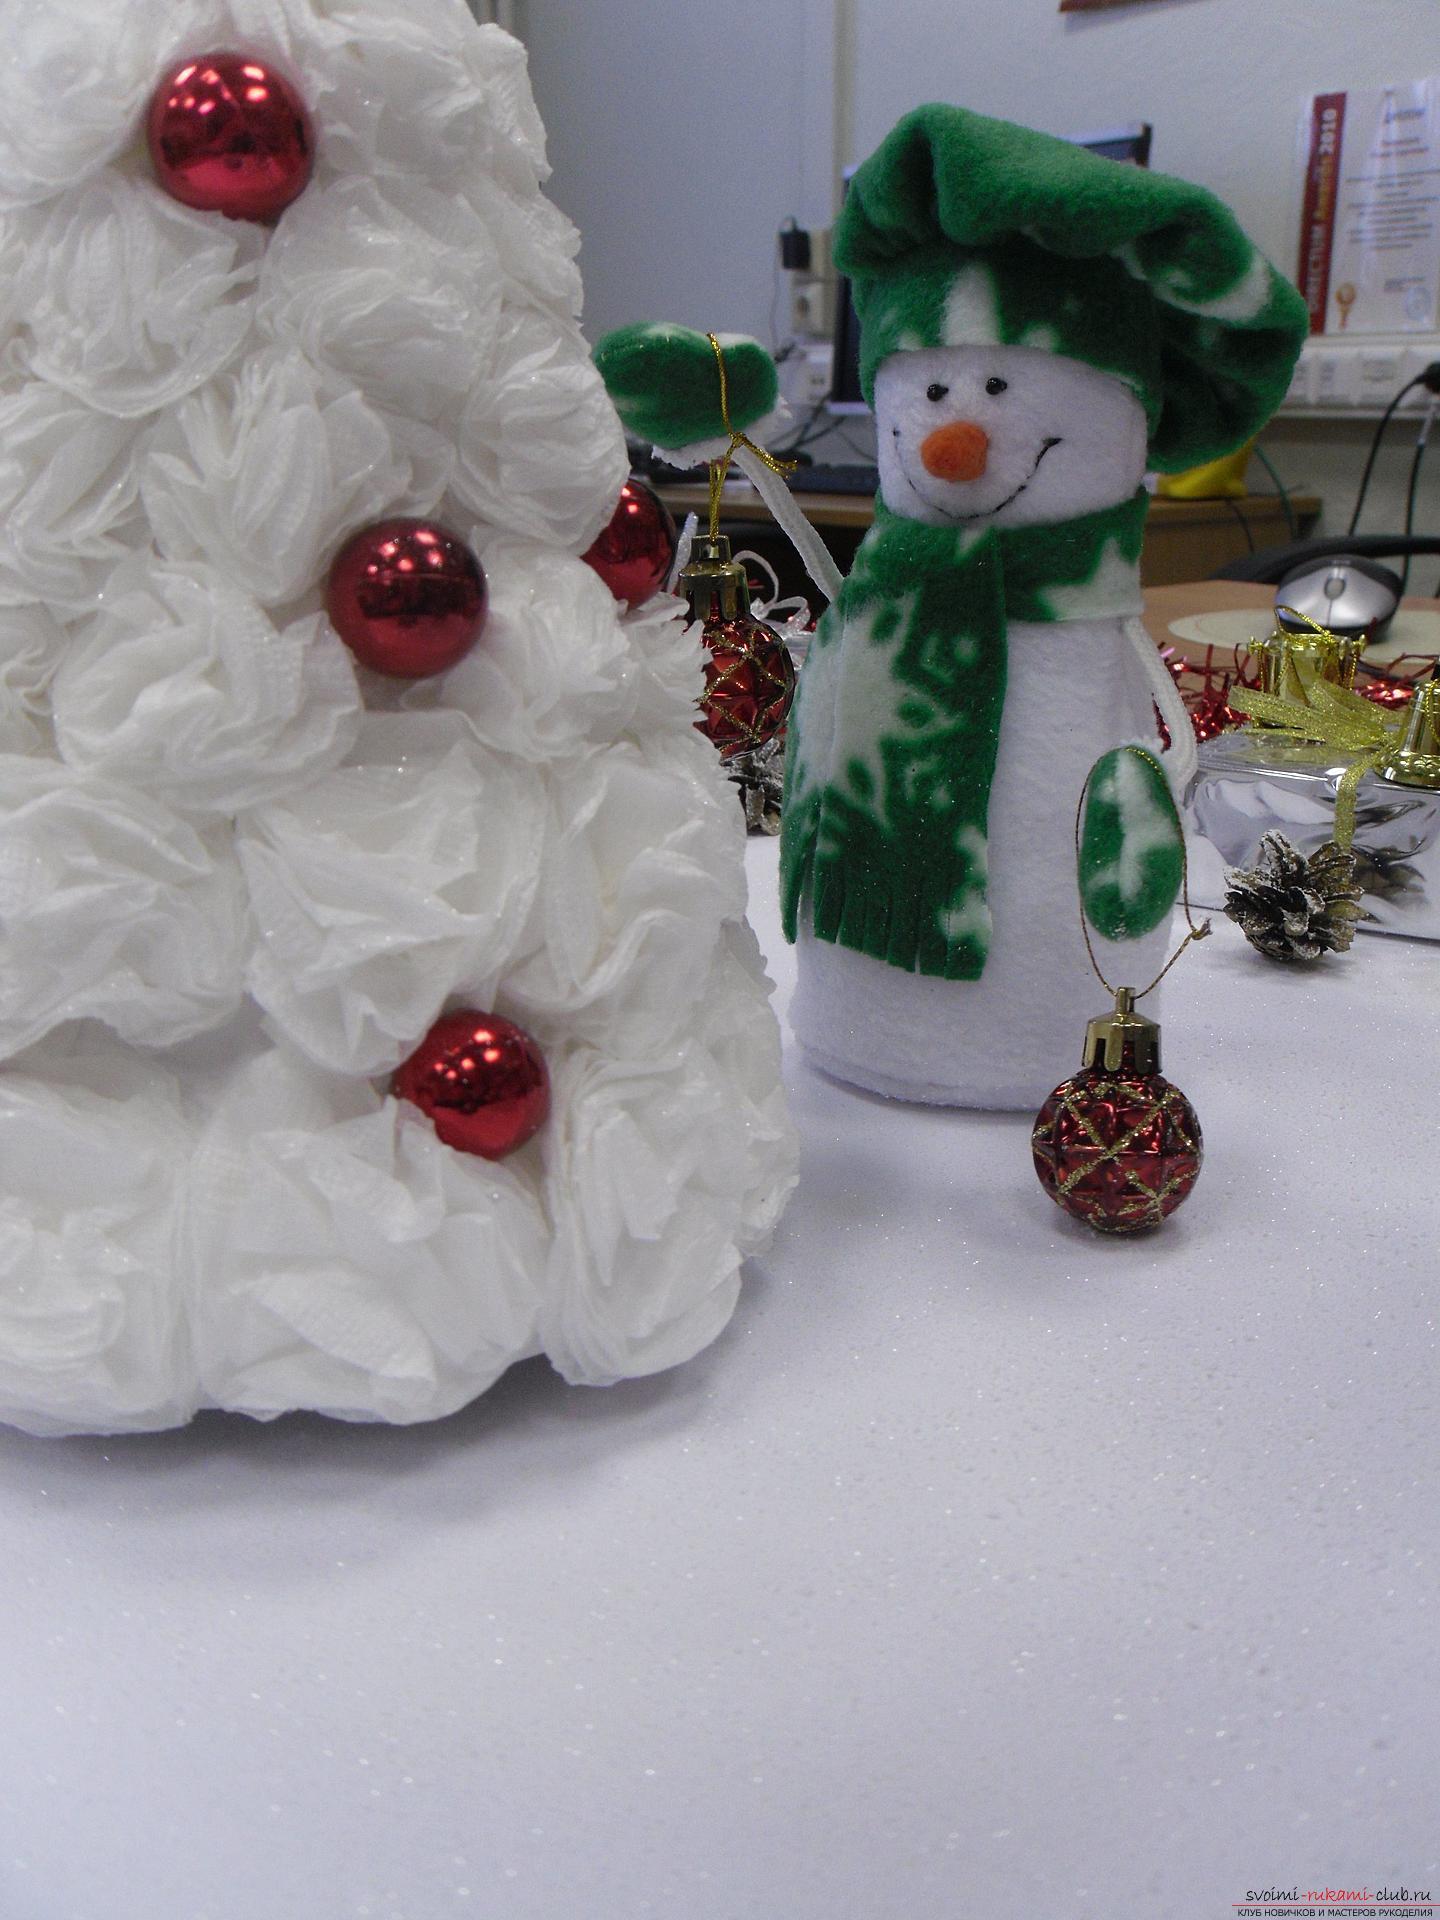 Снеговики из фетра помогут создать новогоднюю обстановку в каждом доме. Поделка на Новый год может быть не купленной в магазине, украшение к новогоднему столу можно сделать своими руками.. Фото №5